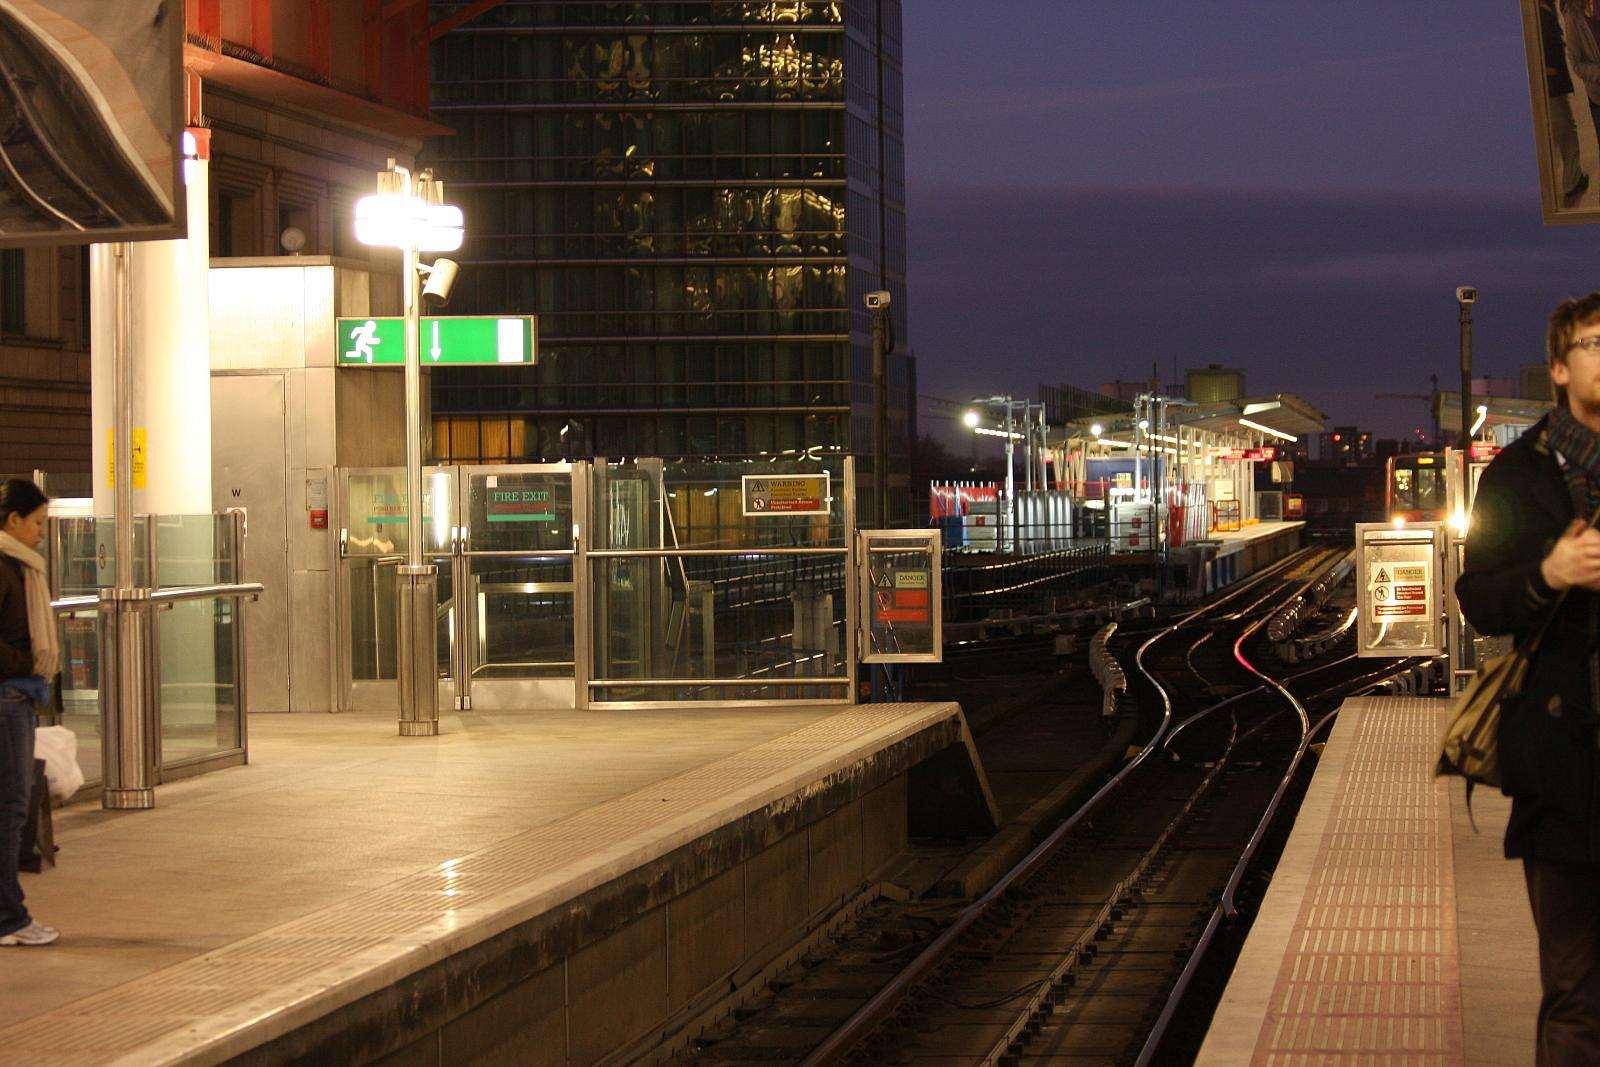 Platform by night